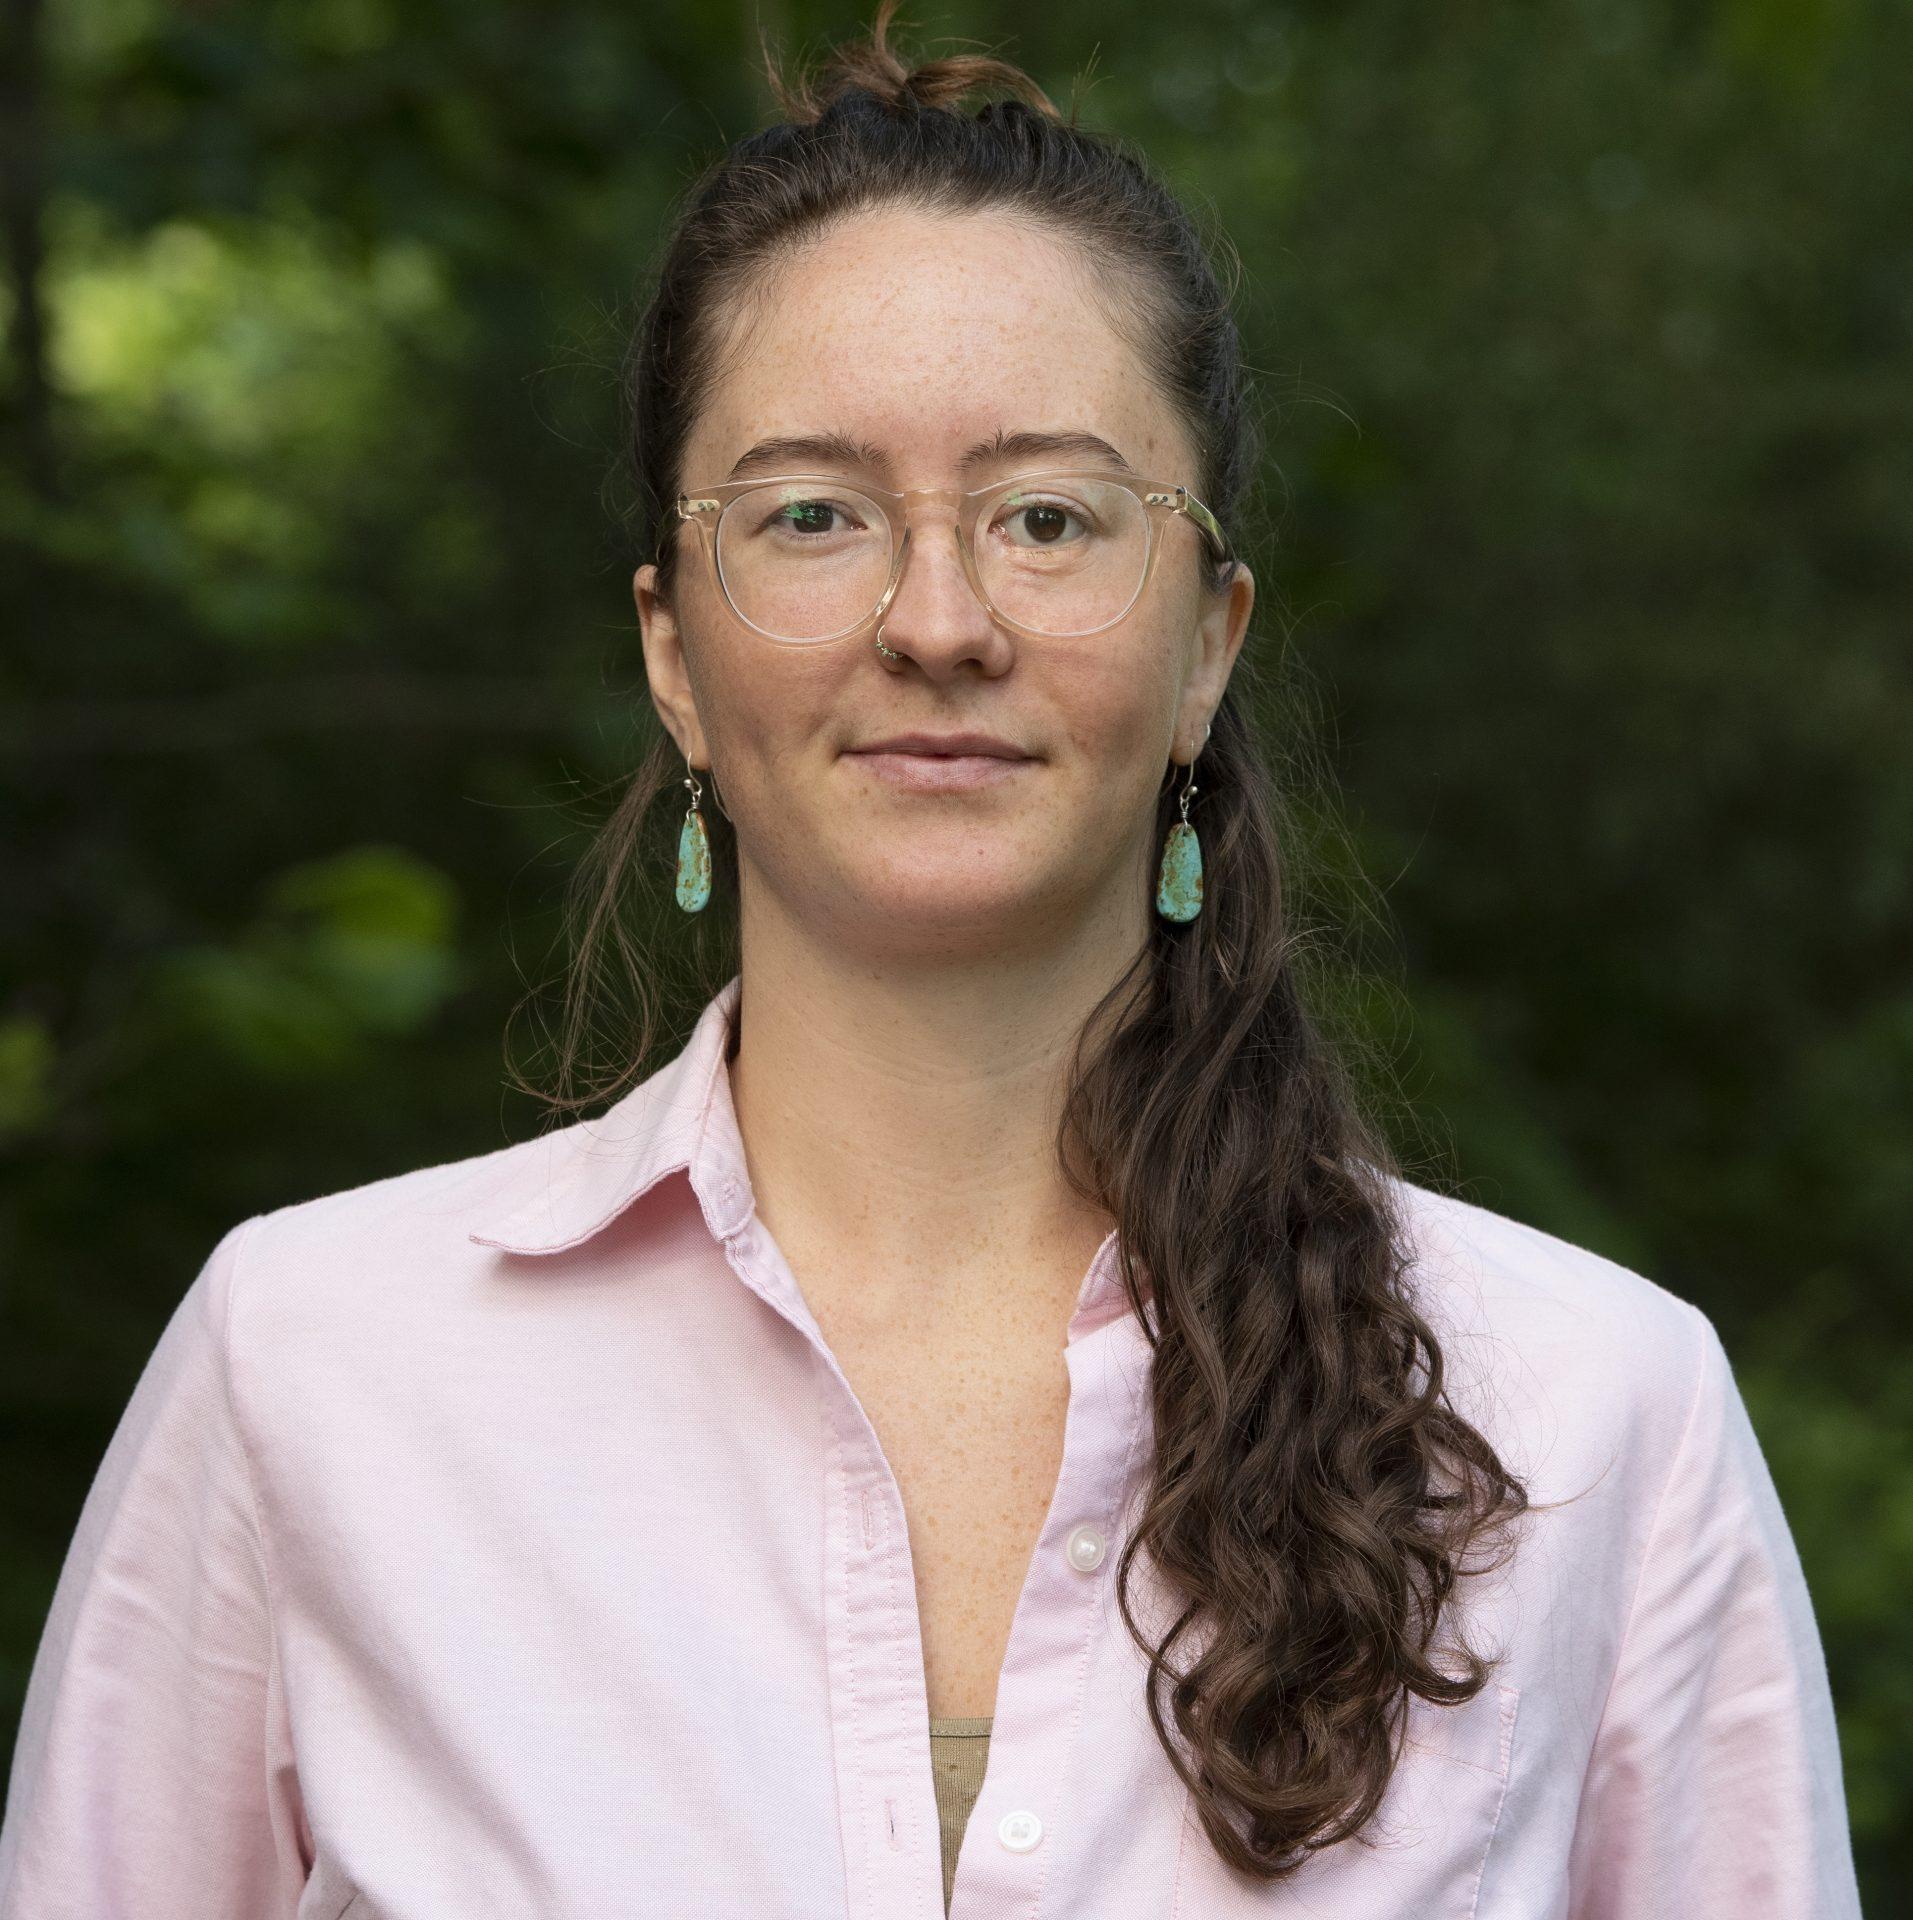 Bailey Grenert, Project Coordinator & Trainer